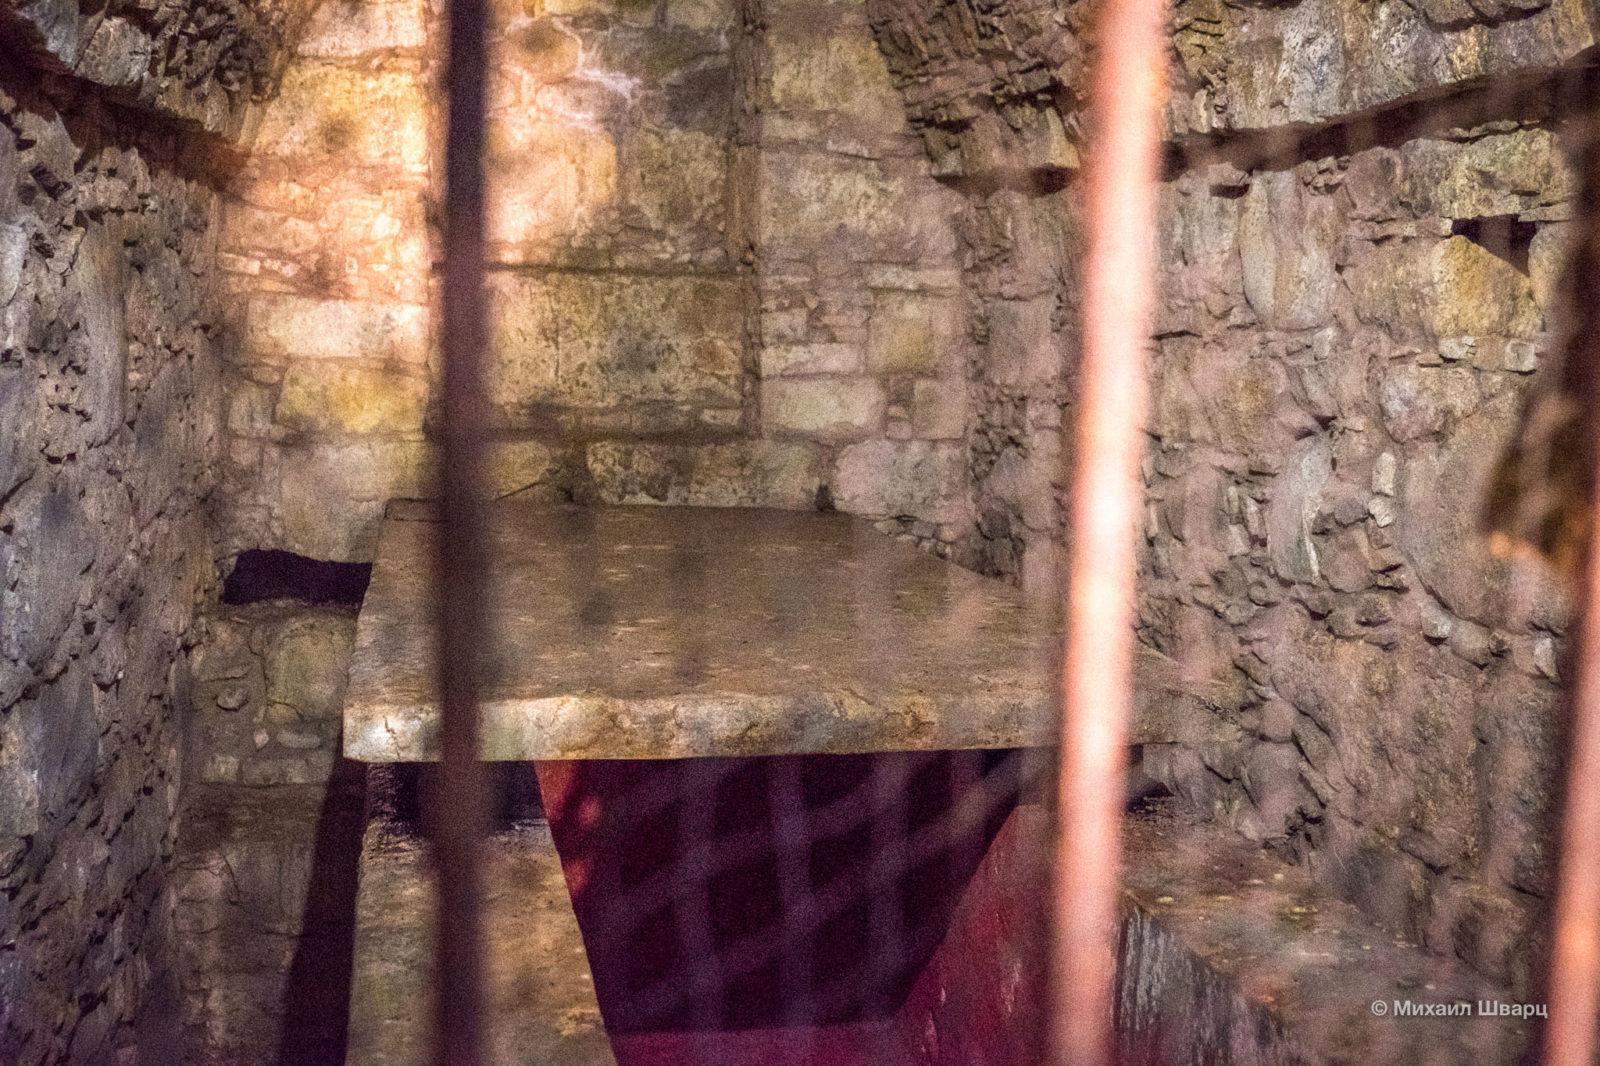 Гробница Красной Королевы (Tumba de la Reina Roja)